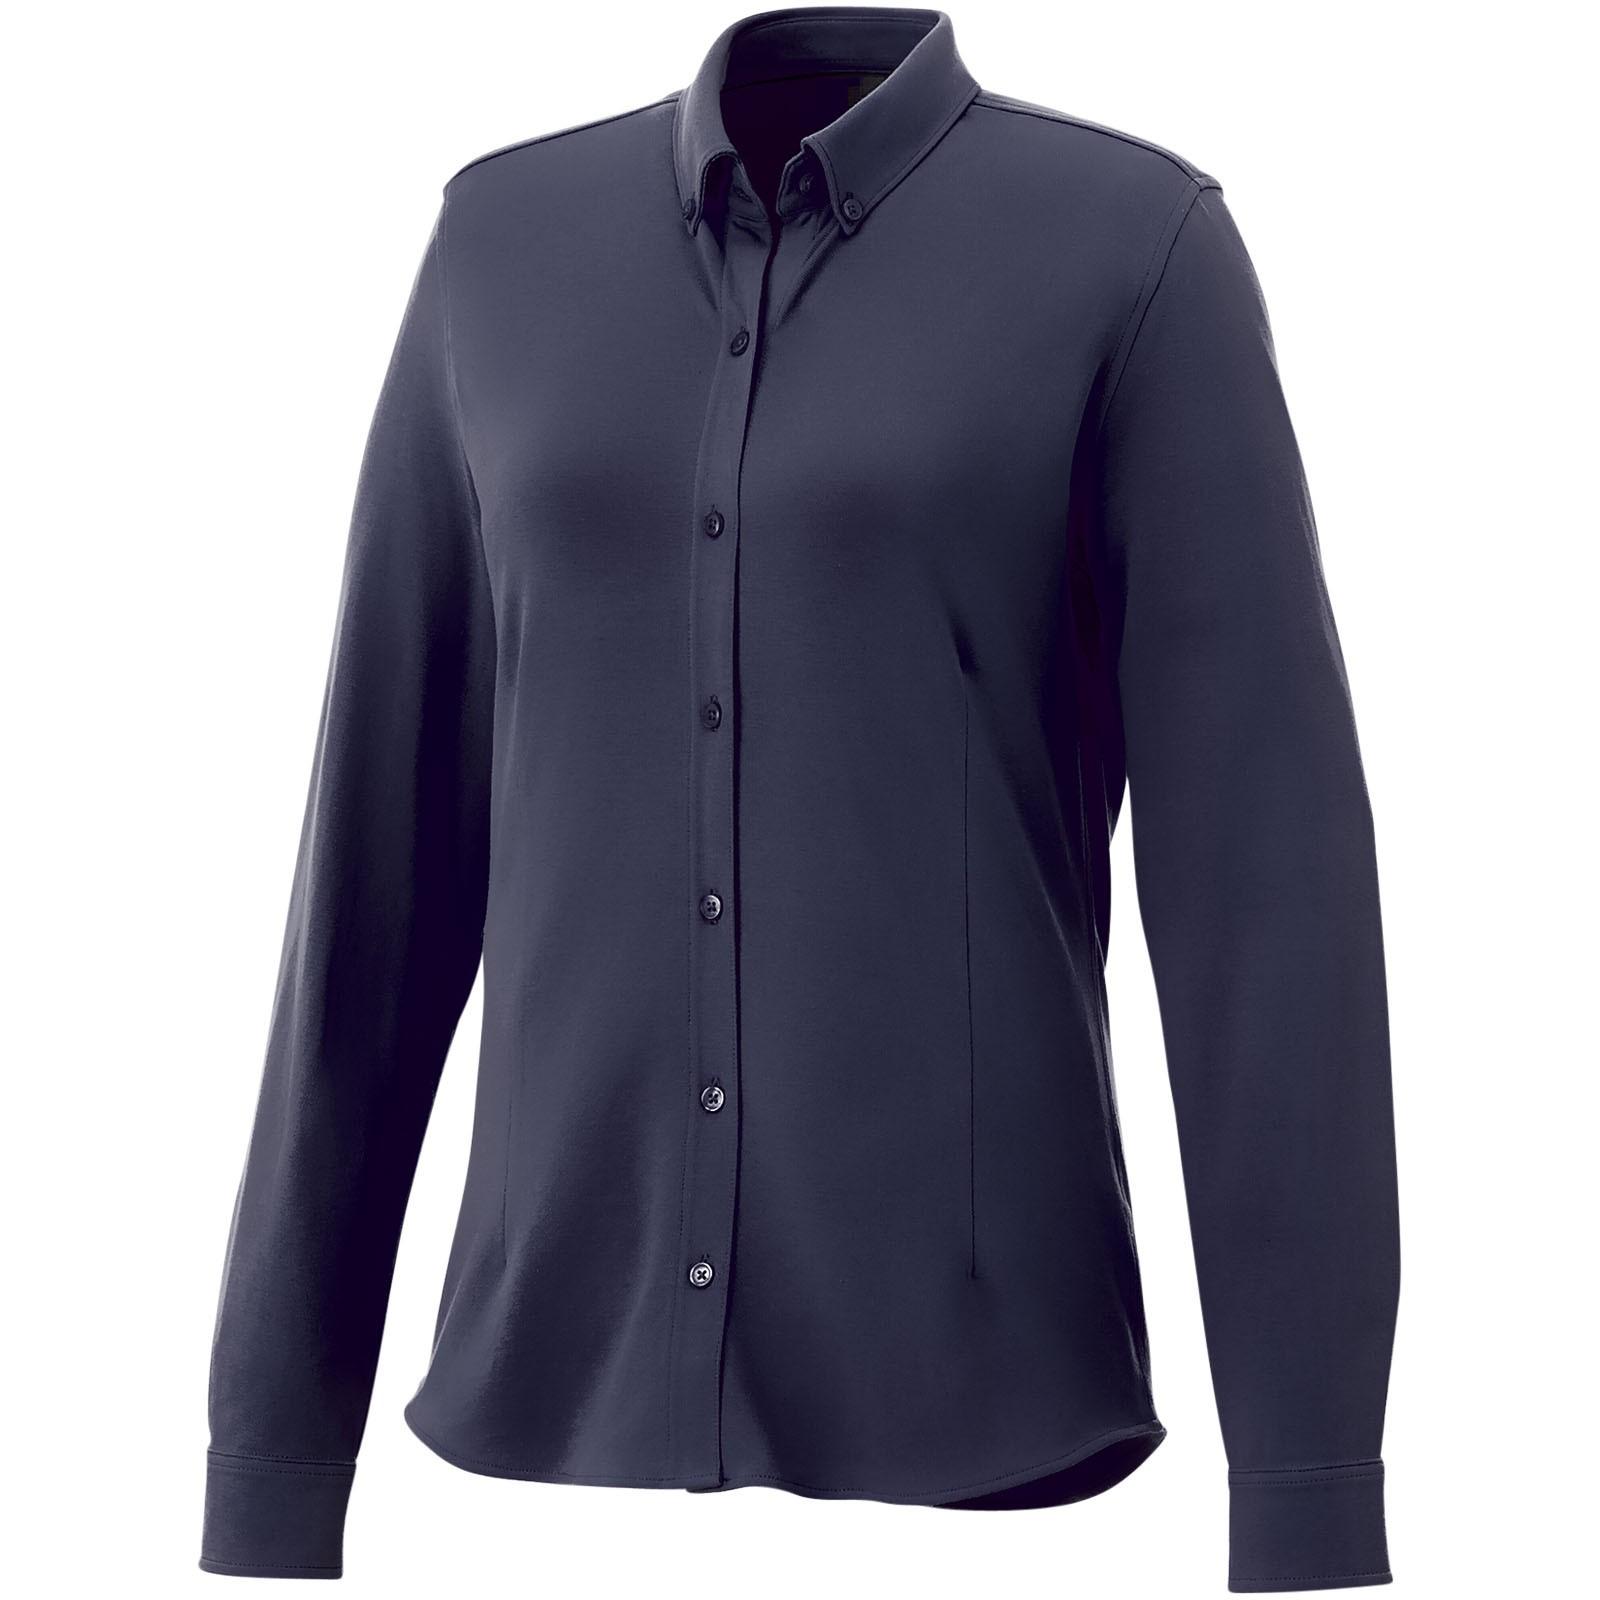 Bigelow long sleeve women's pique shirt - Navy / XL